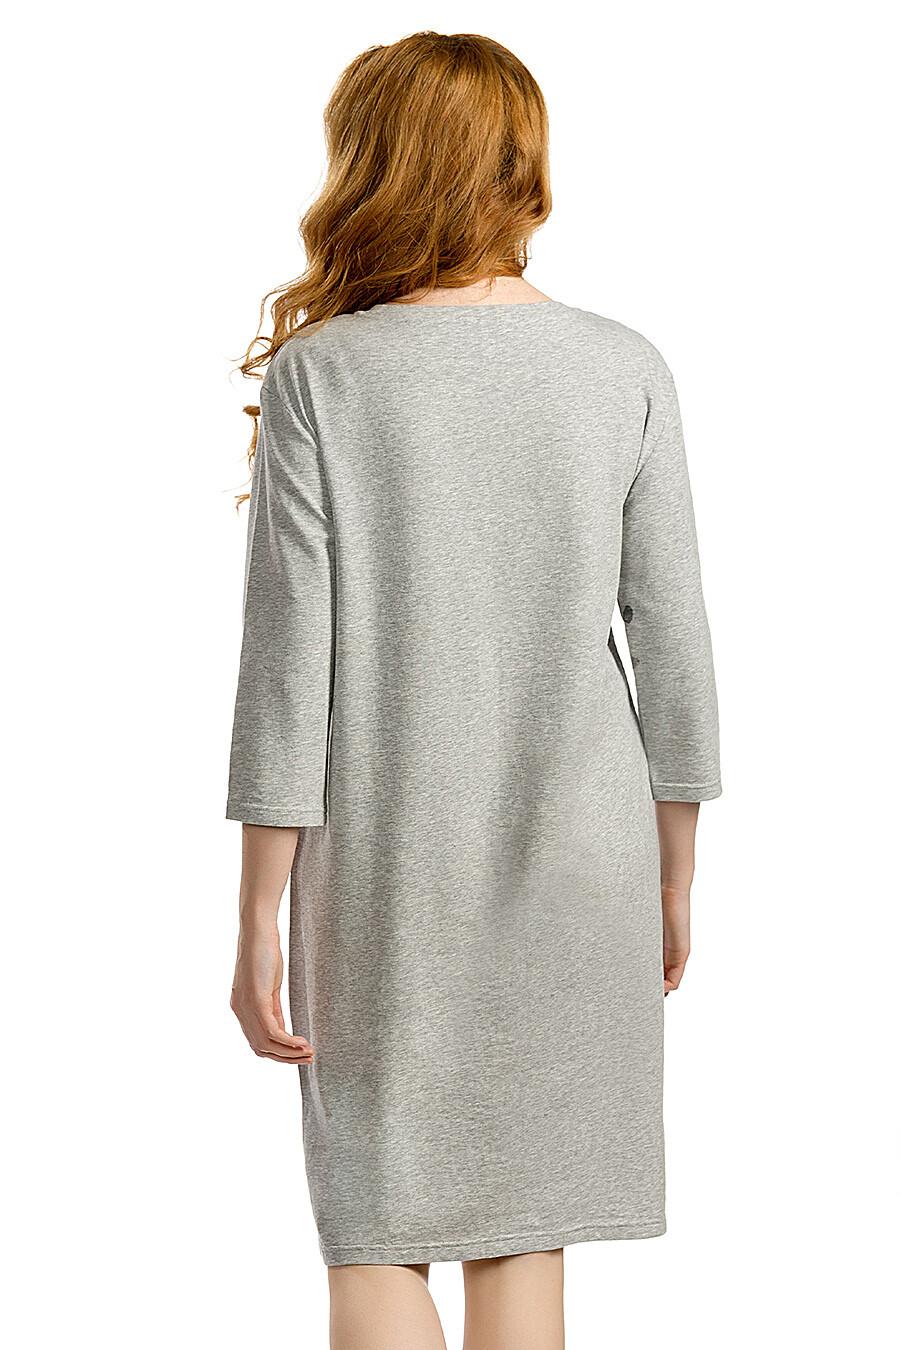 Платье PELICAN (161480), купить в Moyo.moda